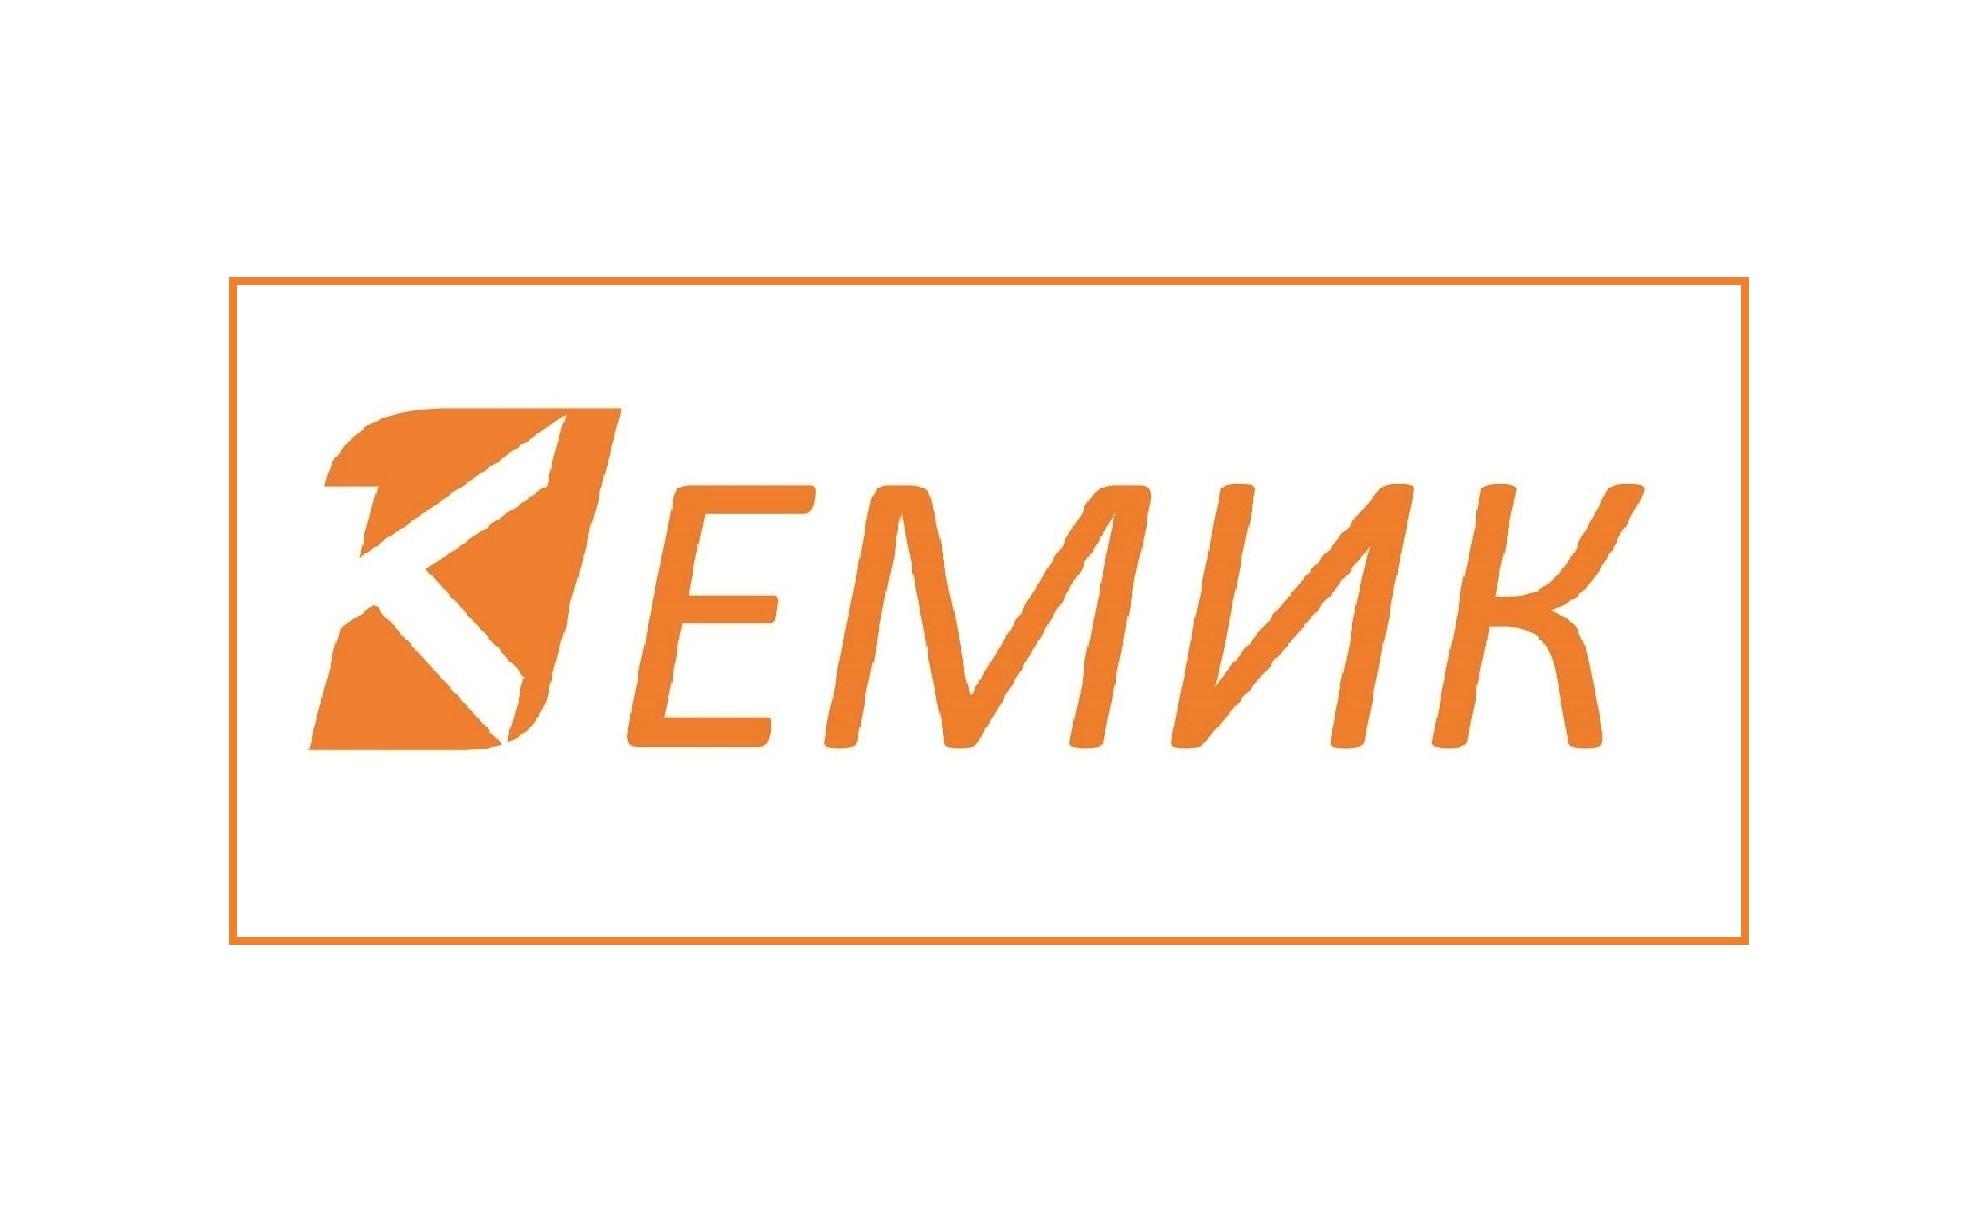 Работа в компании «KEMIK» в Нижнего Новгорода